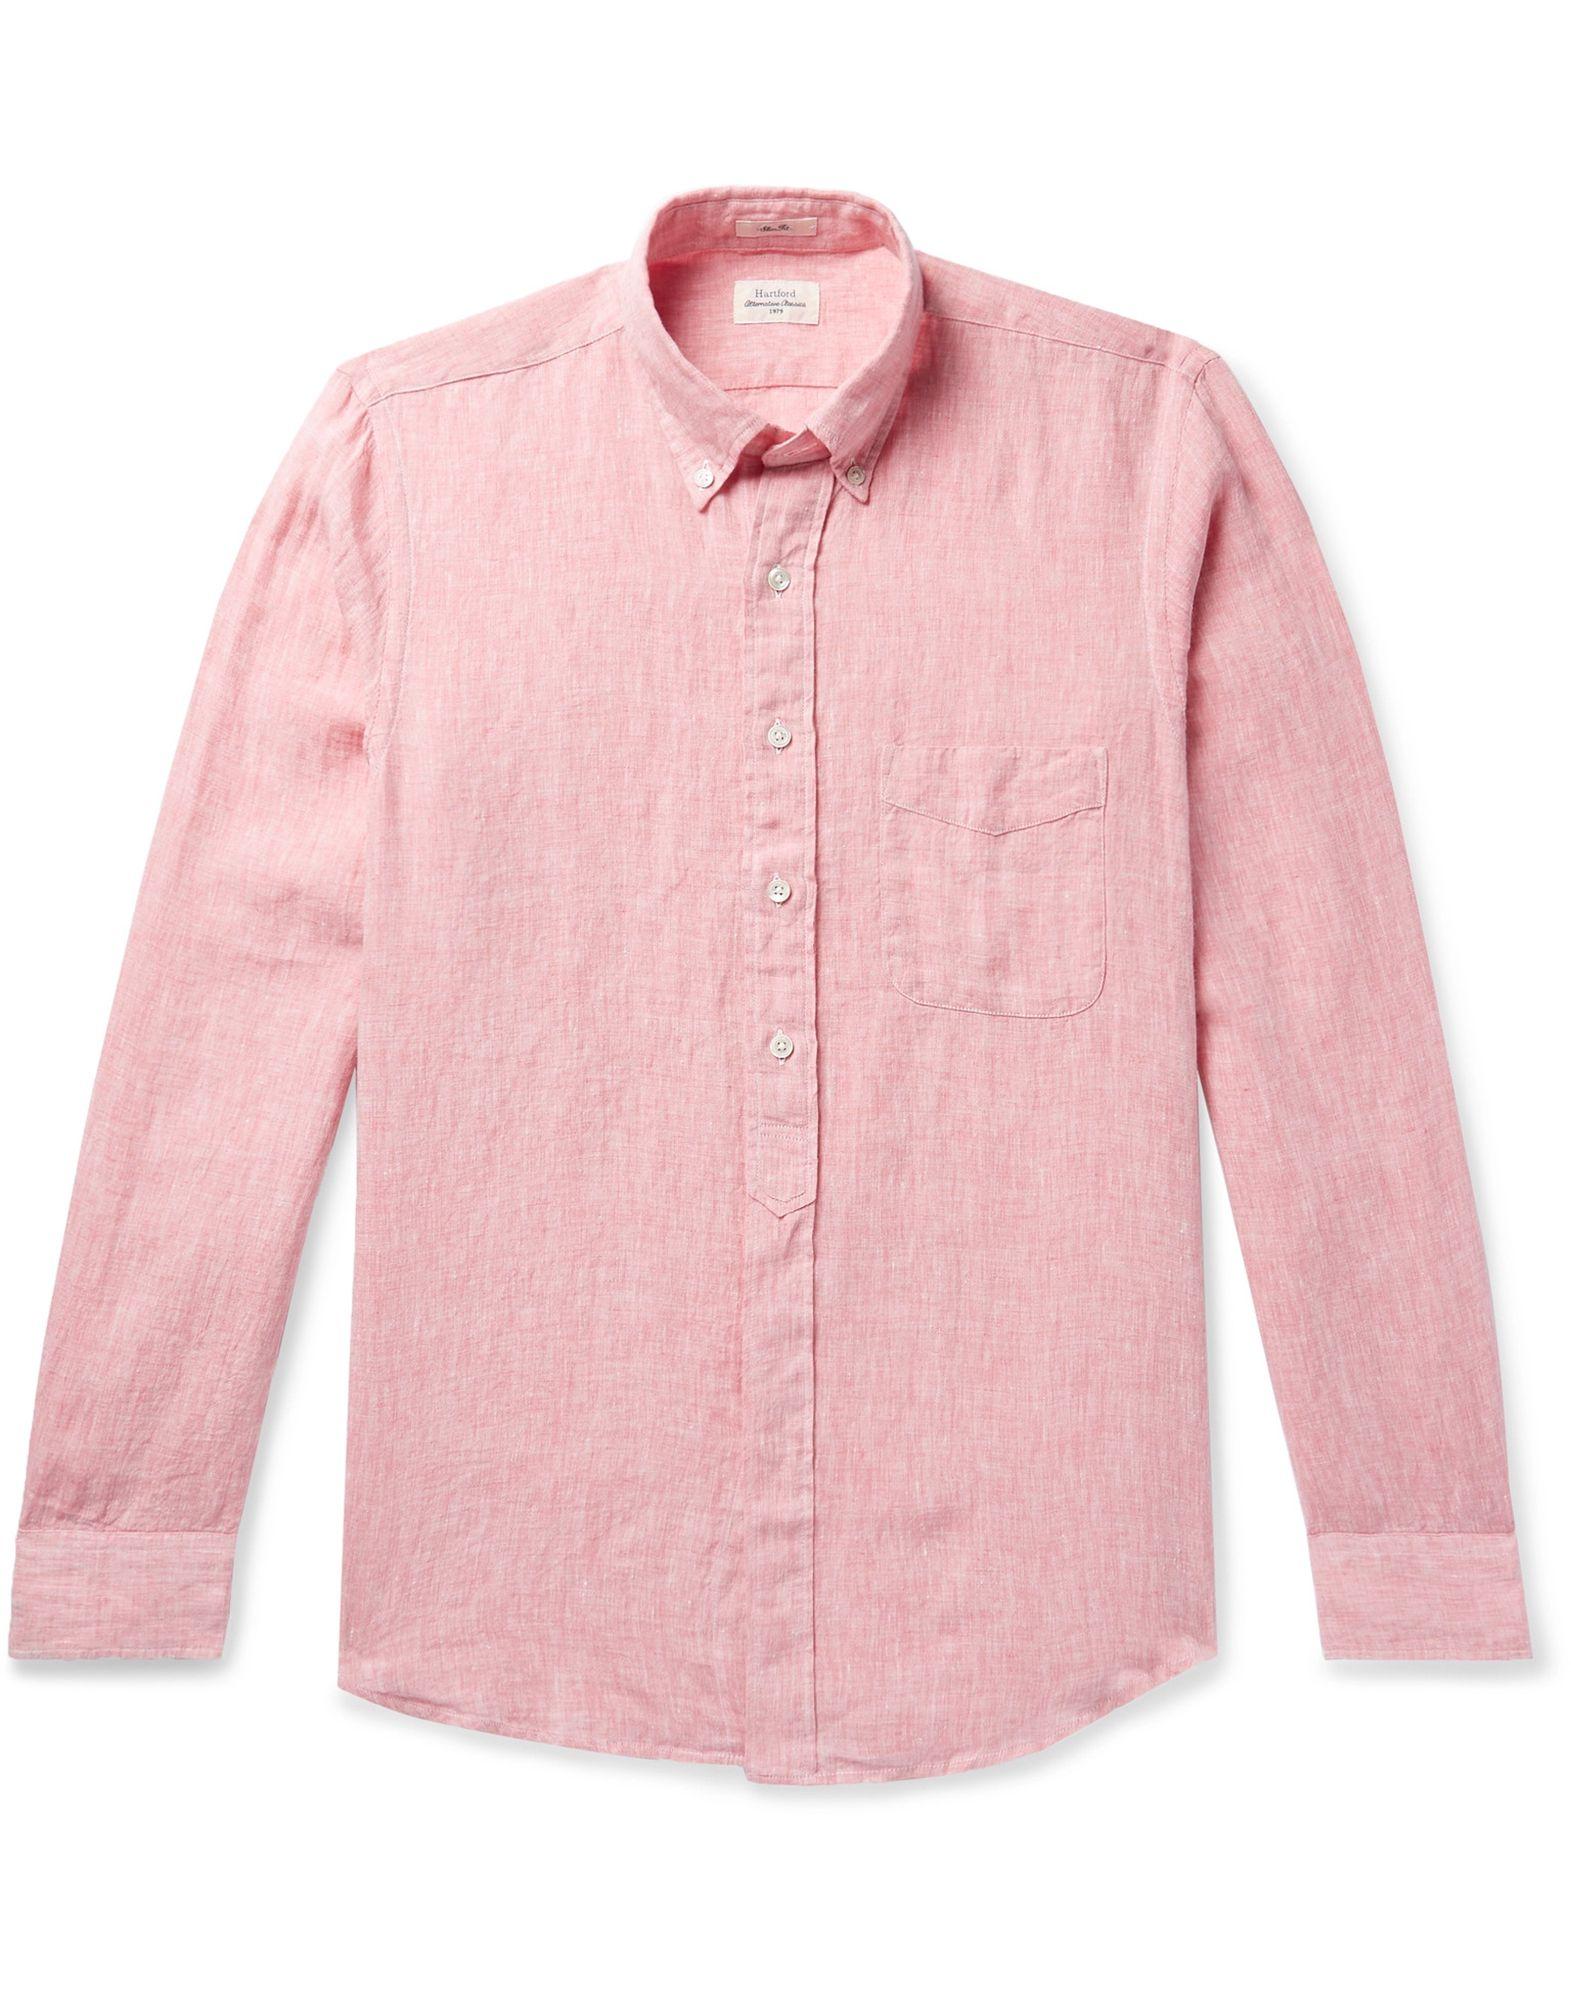 《セール開催中》HARTFORD メンズ シャツ ピンク XL リネン 100%